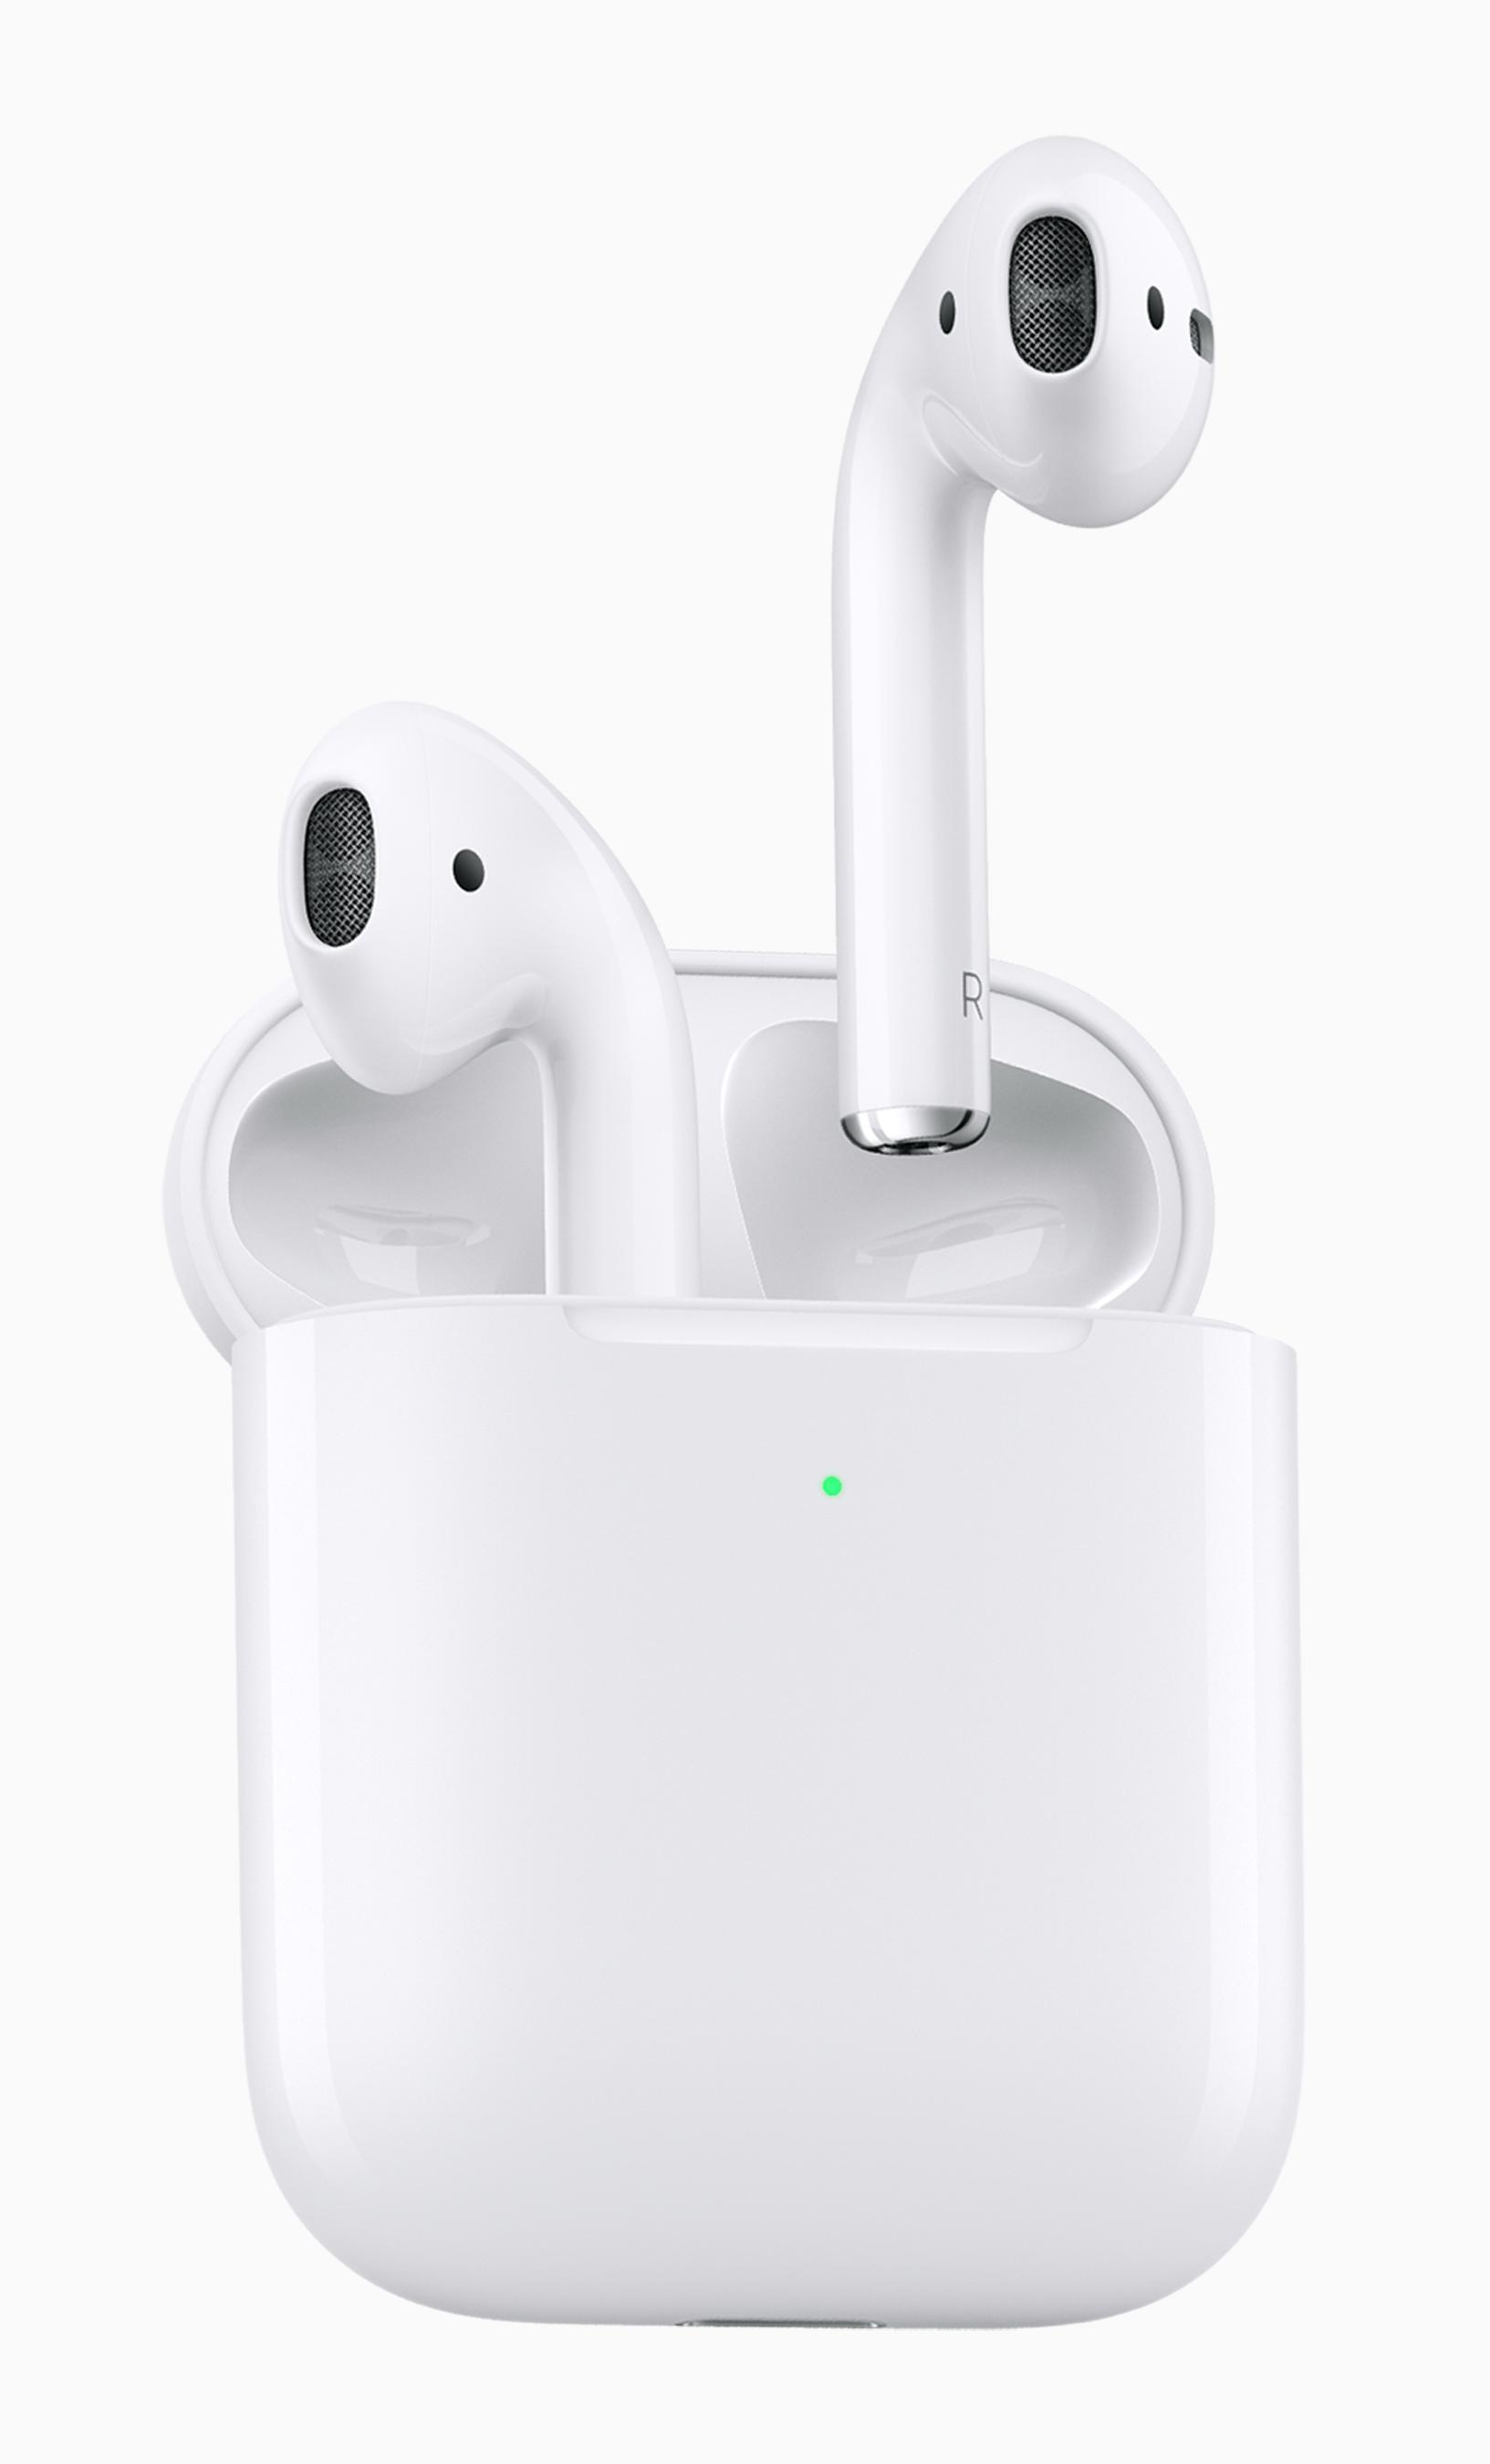 Nykyiset toisen sukupolven AirPods-kuulokkeet.